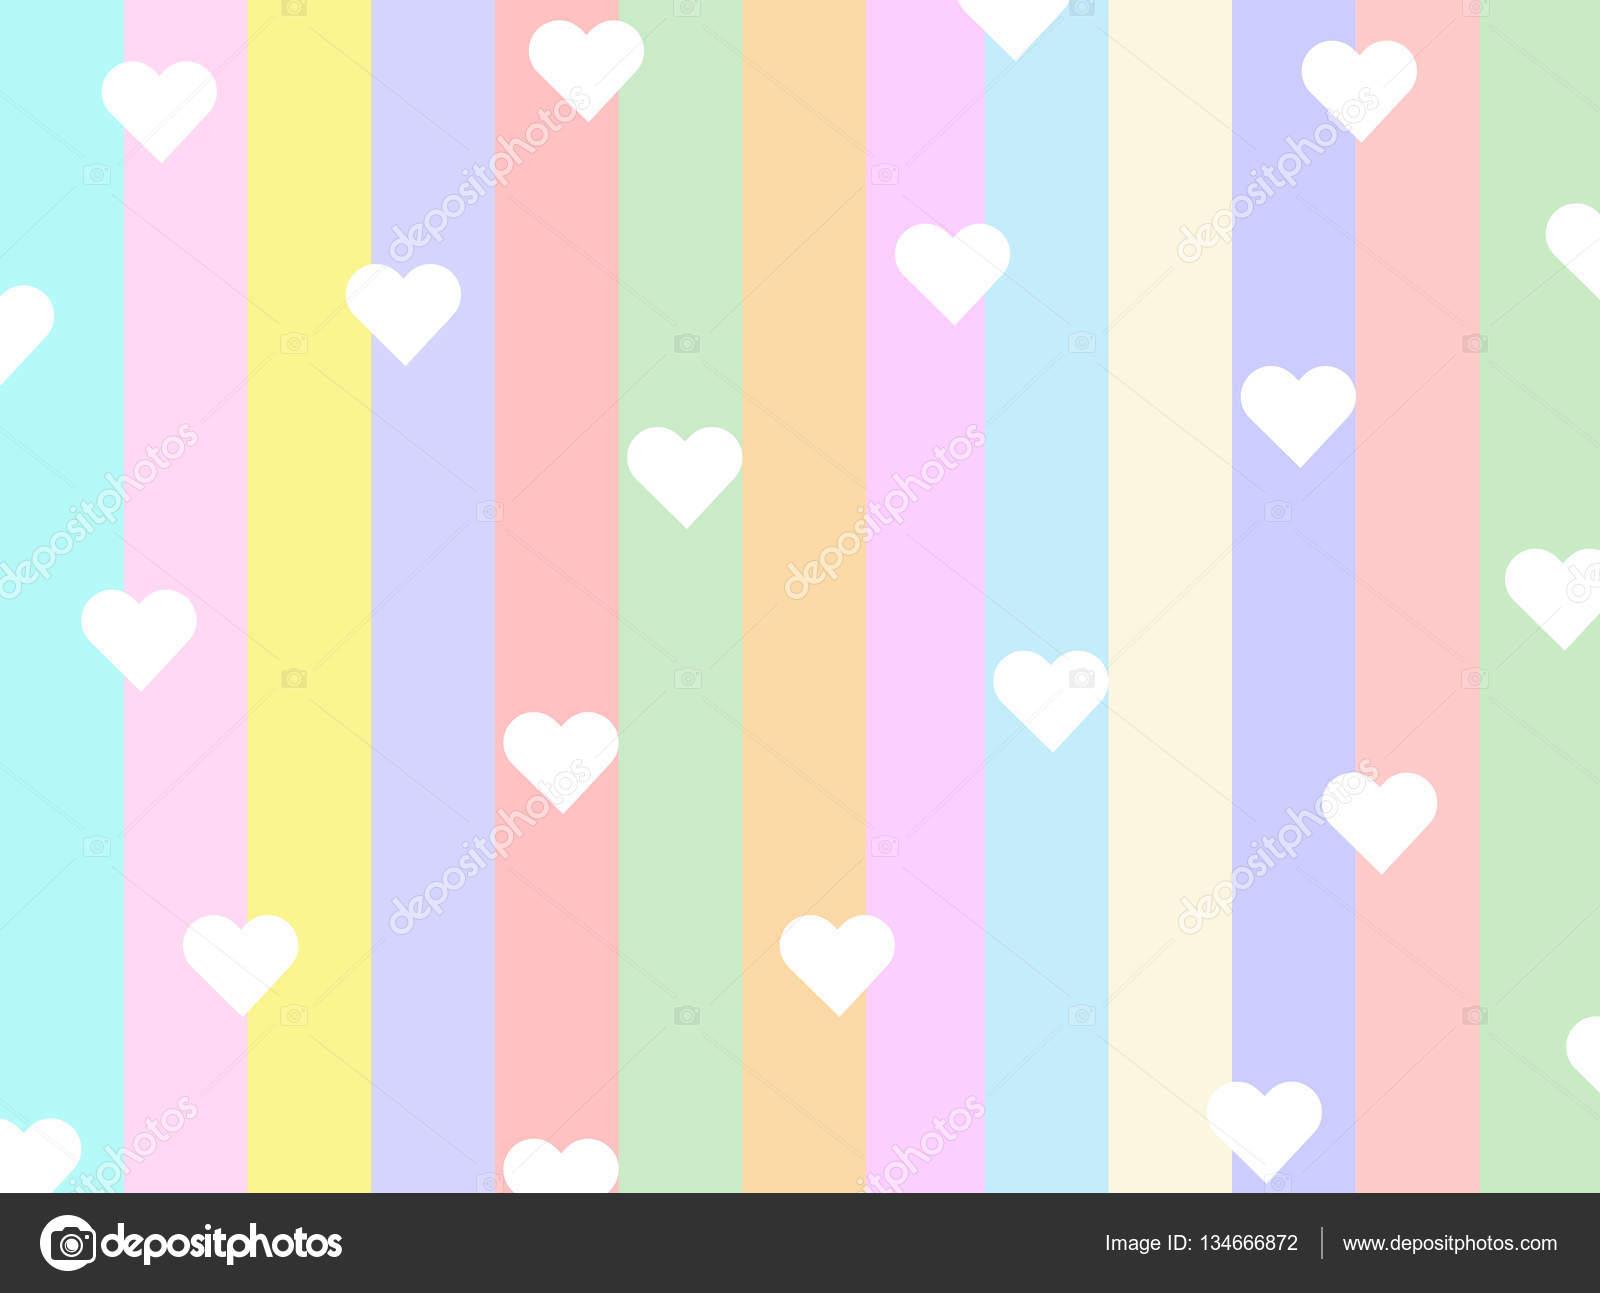 Fondos De Pantalla De Colores Pasteles Con Corazones